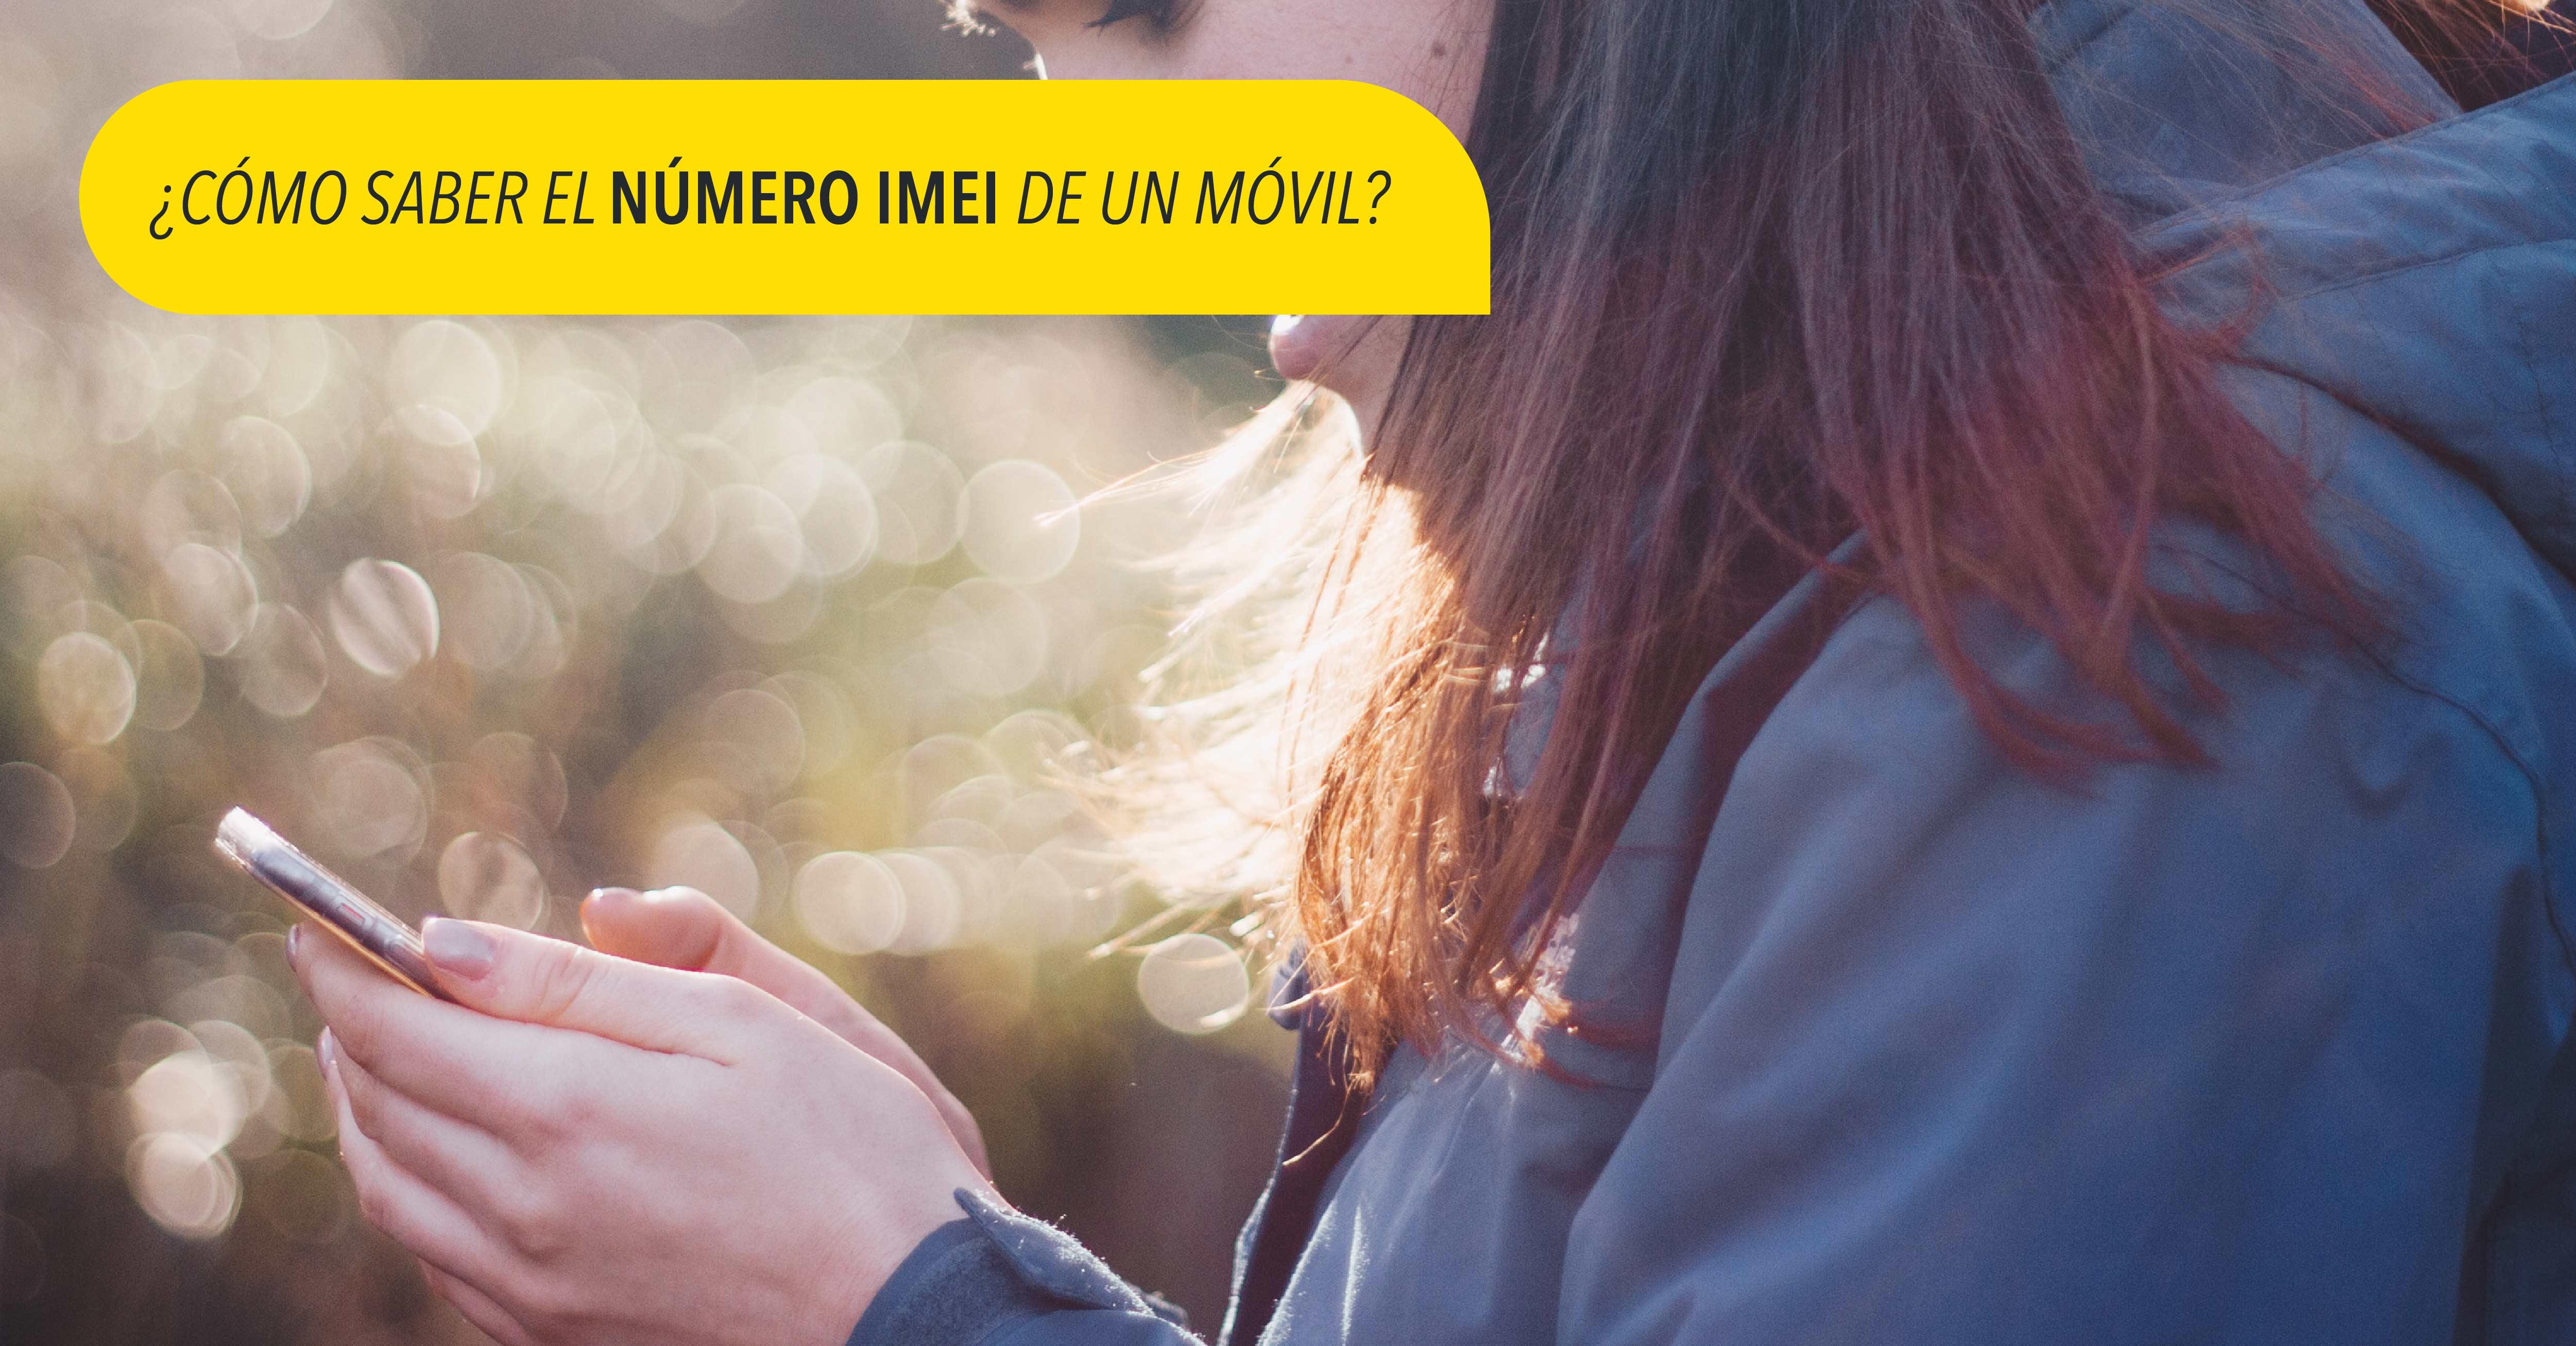 Cómo saber el número IMEI de un móvil